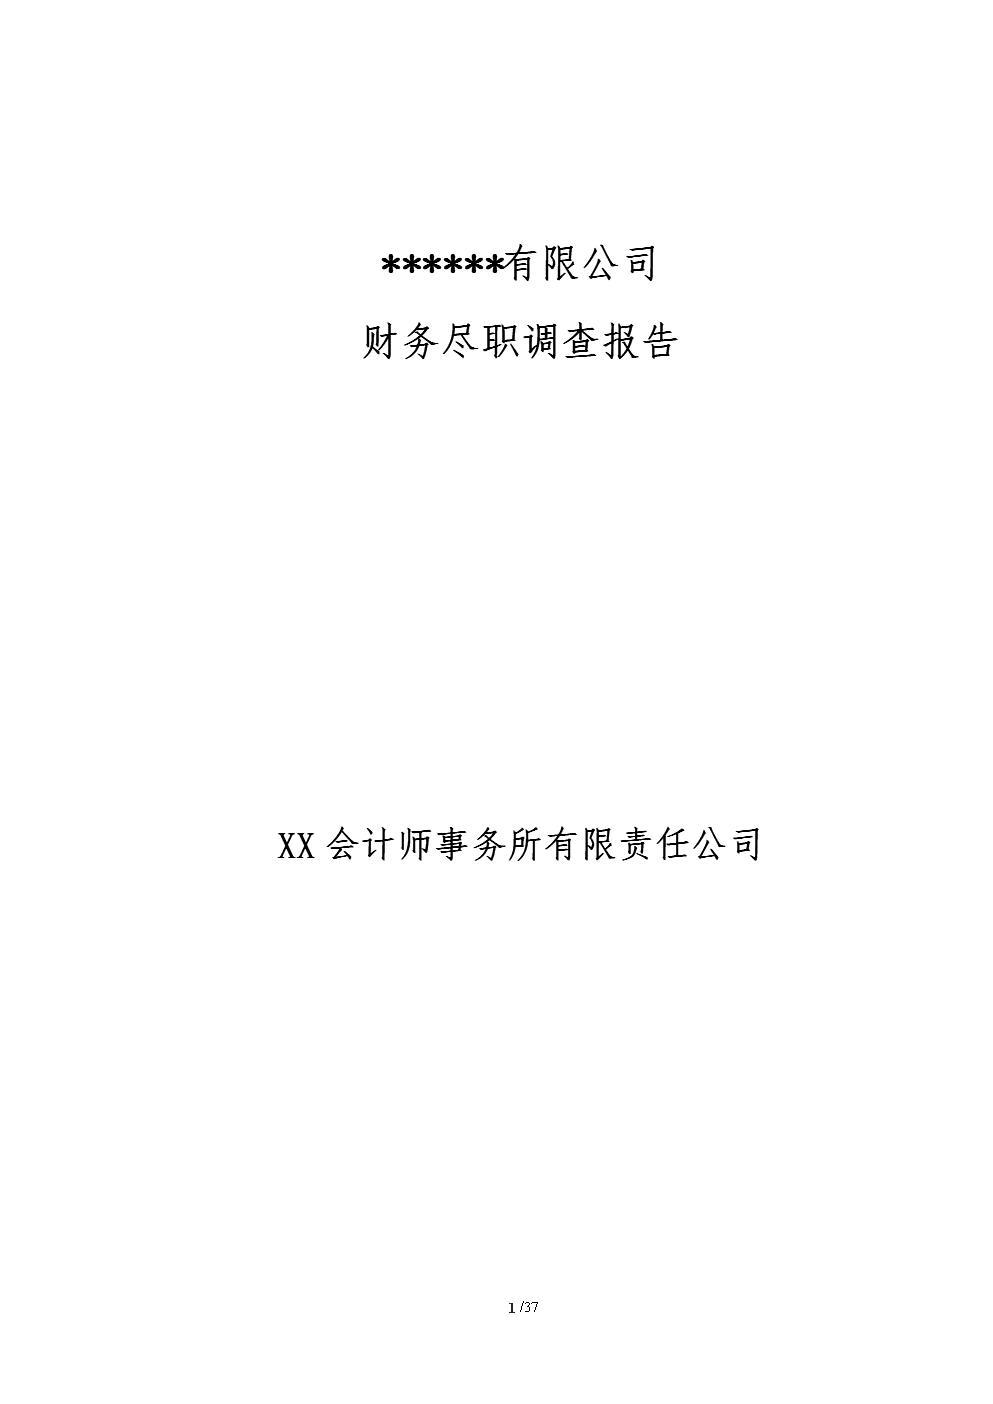 某企业财务尽职调查报告模板.doc